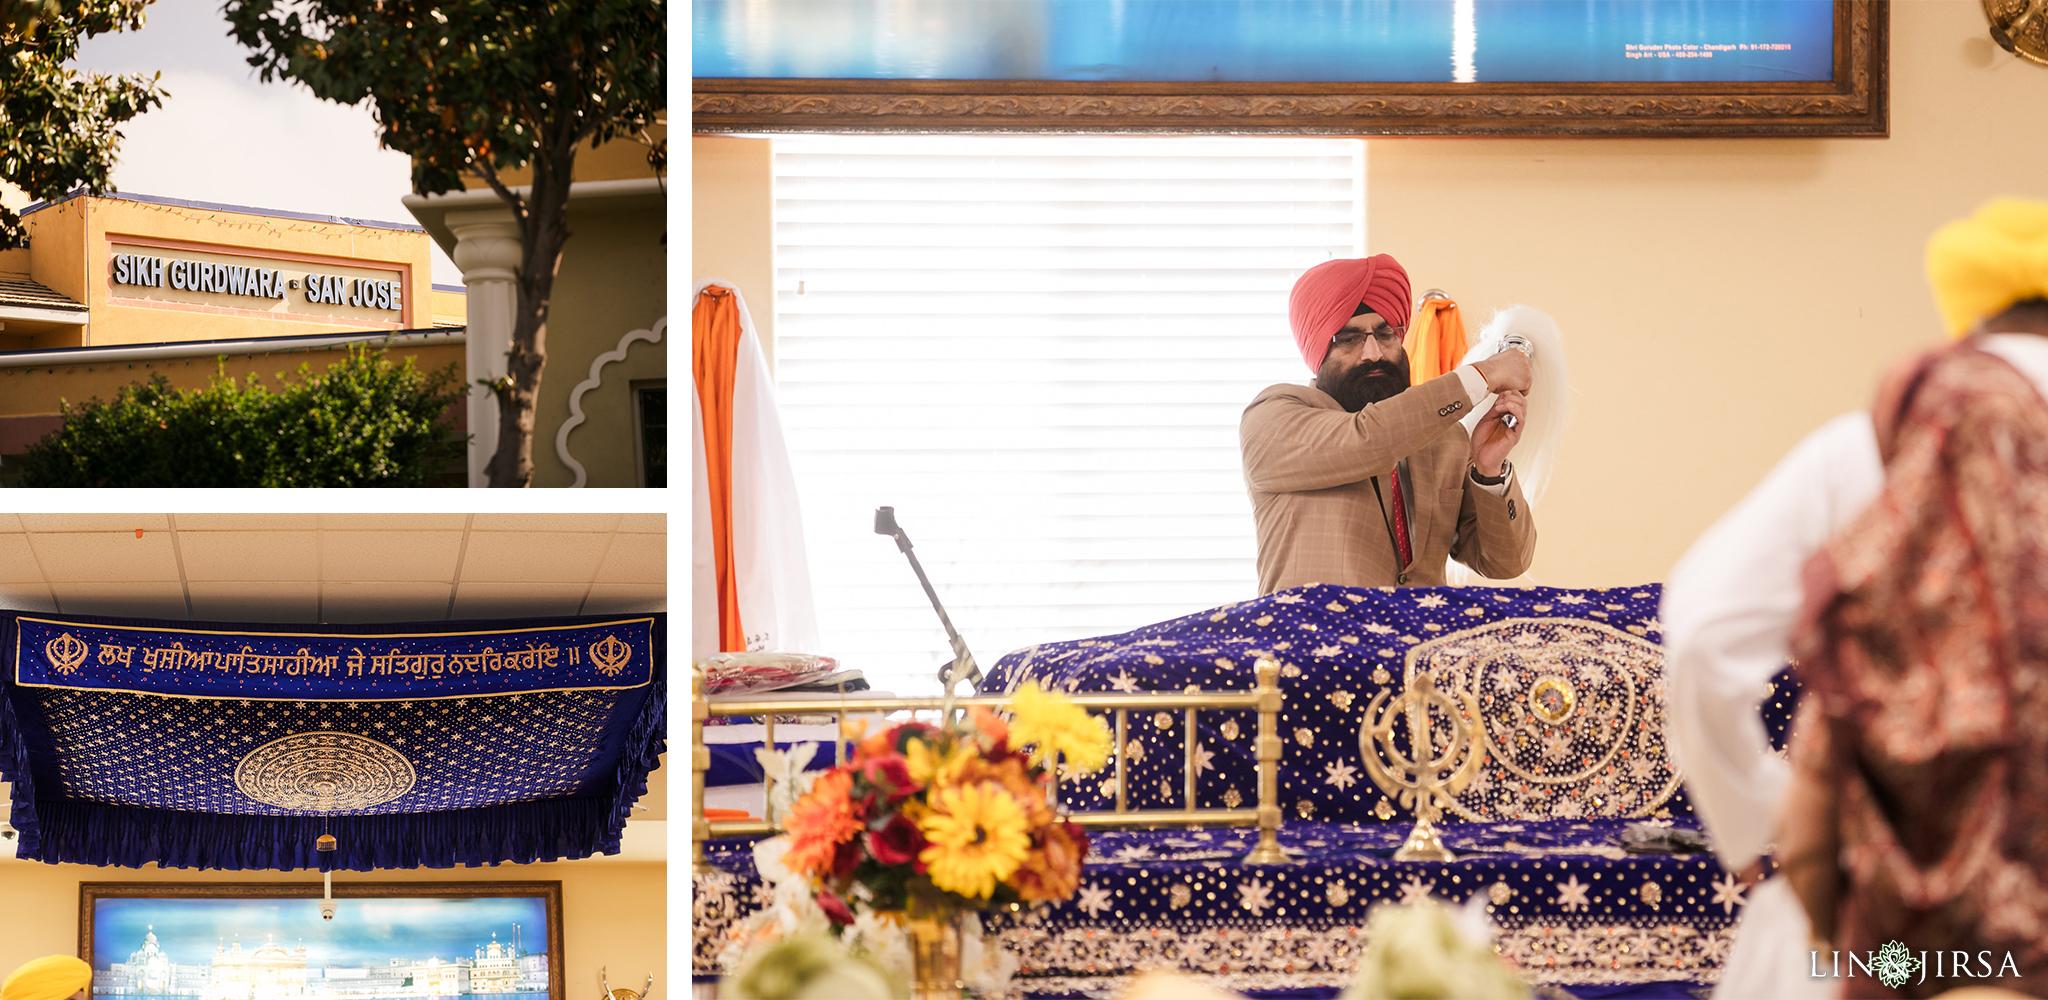 21 Sikh Gurdwara San Jose Punjabi Indian Wedding Photography